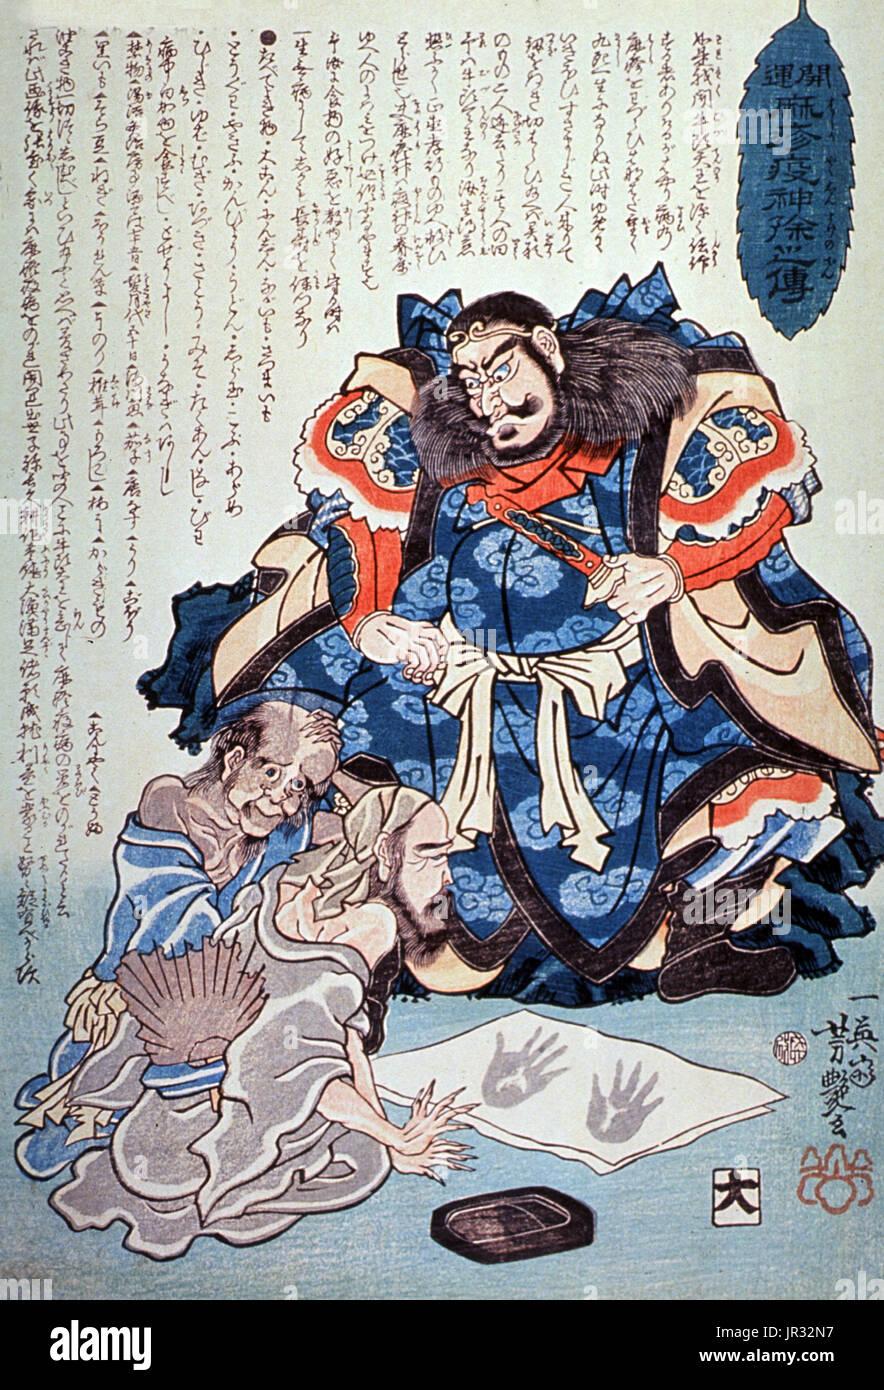 Shinto God Punishes Gods of Measles,1862 - Stock Image